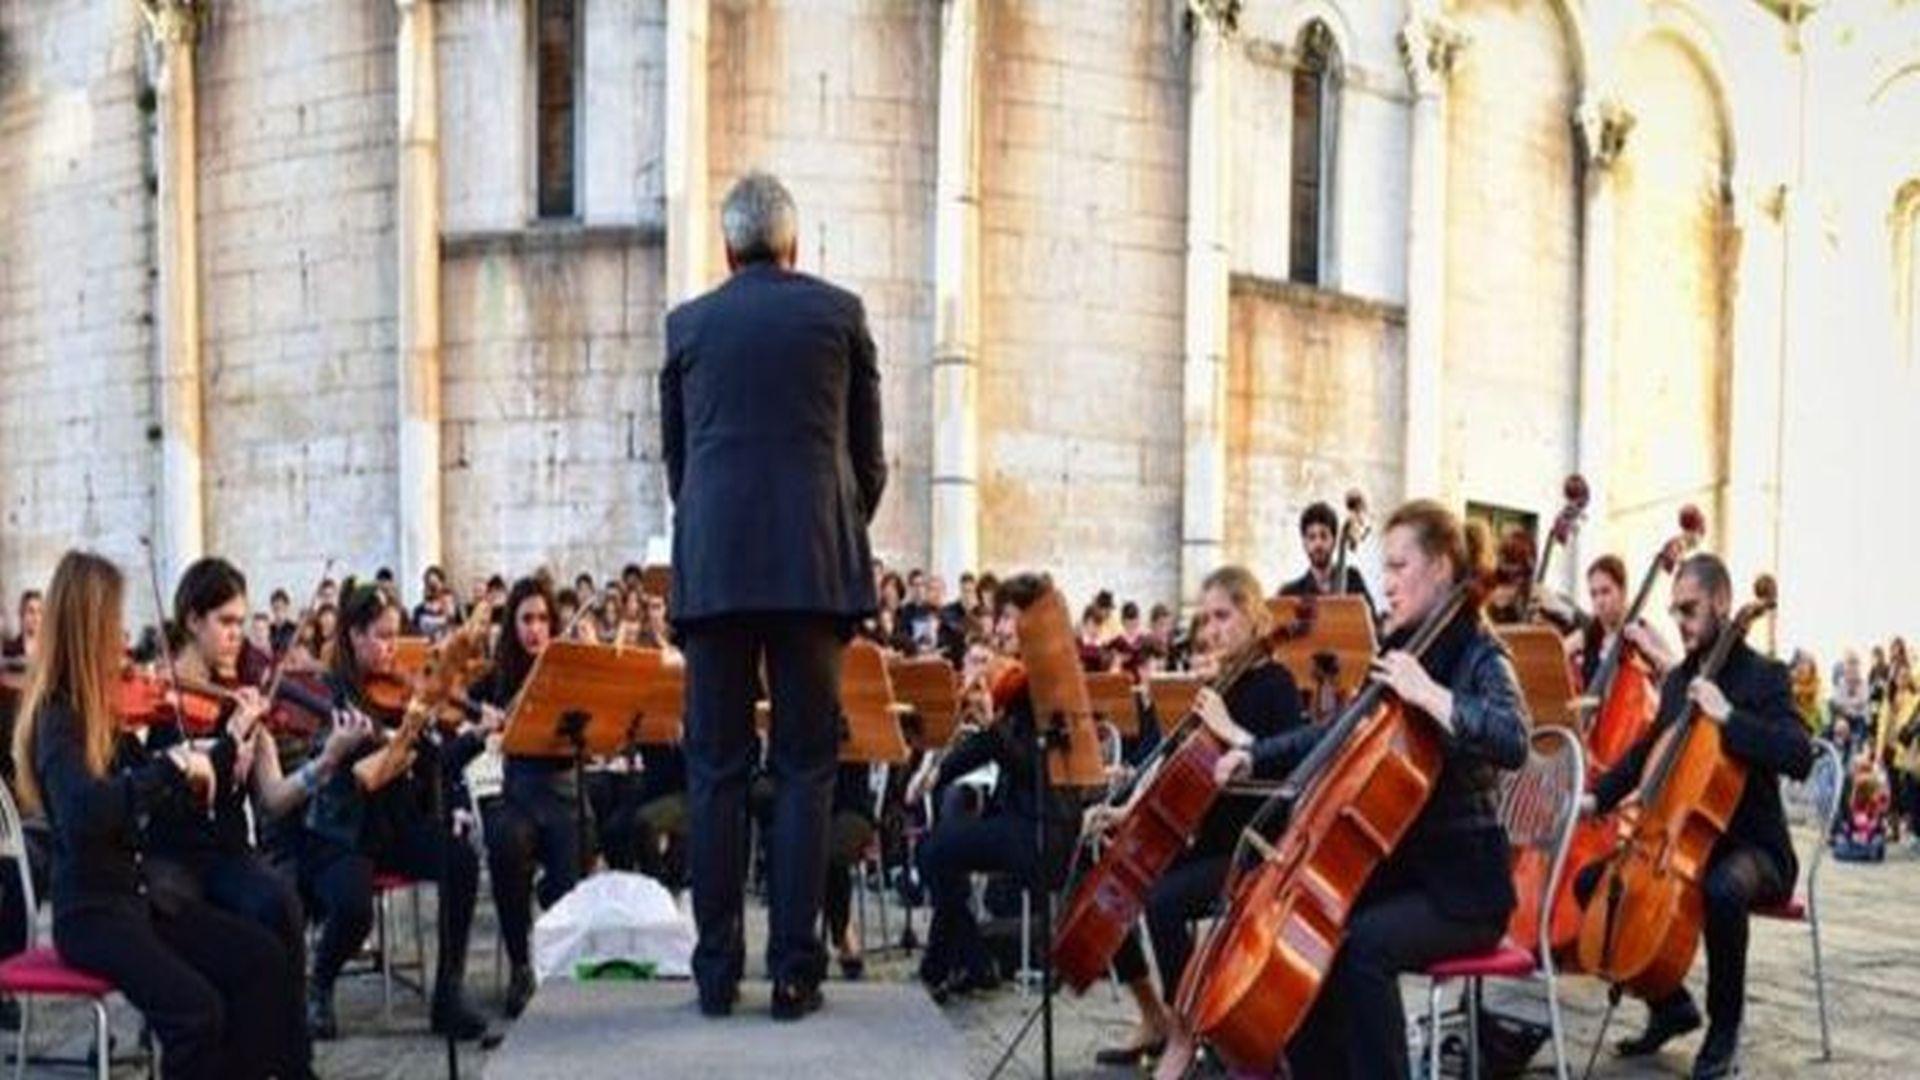 orchestra dell'istituo musicale boccherini suona in piazza san michele a lucca